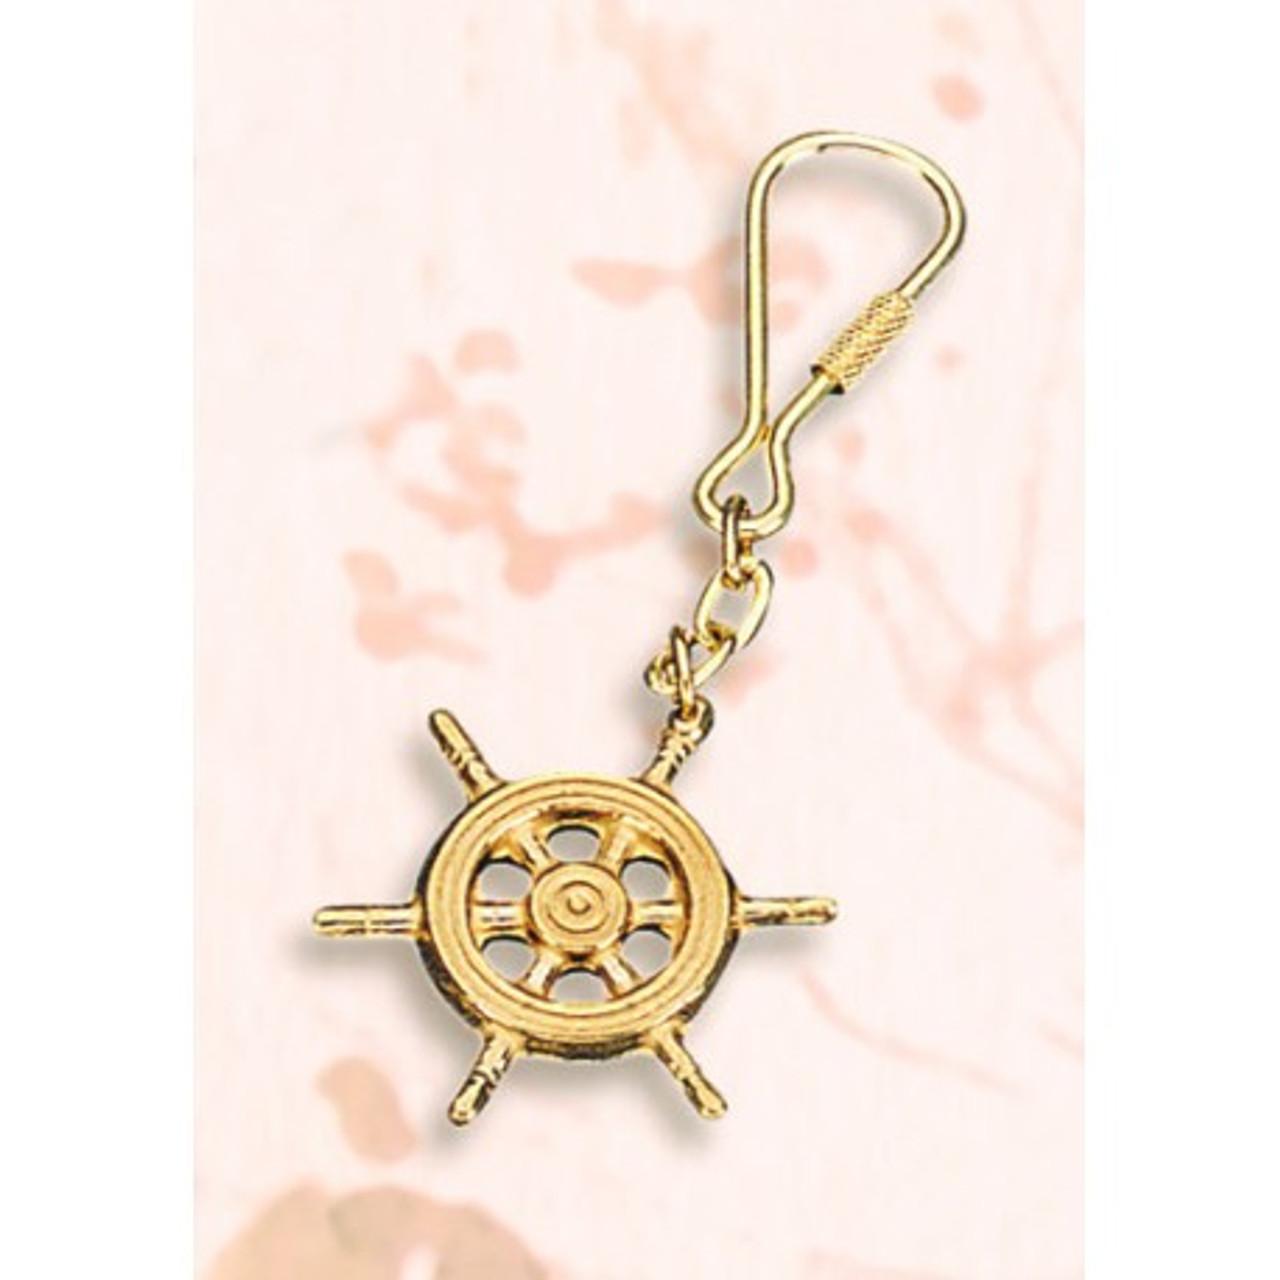 Brass Key Chain - Ship Wheel #3